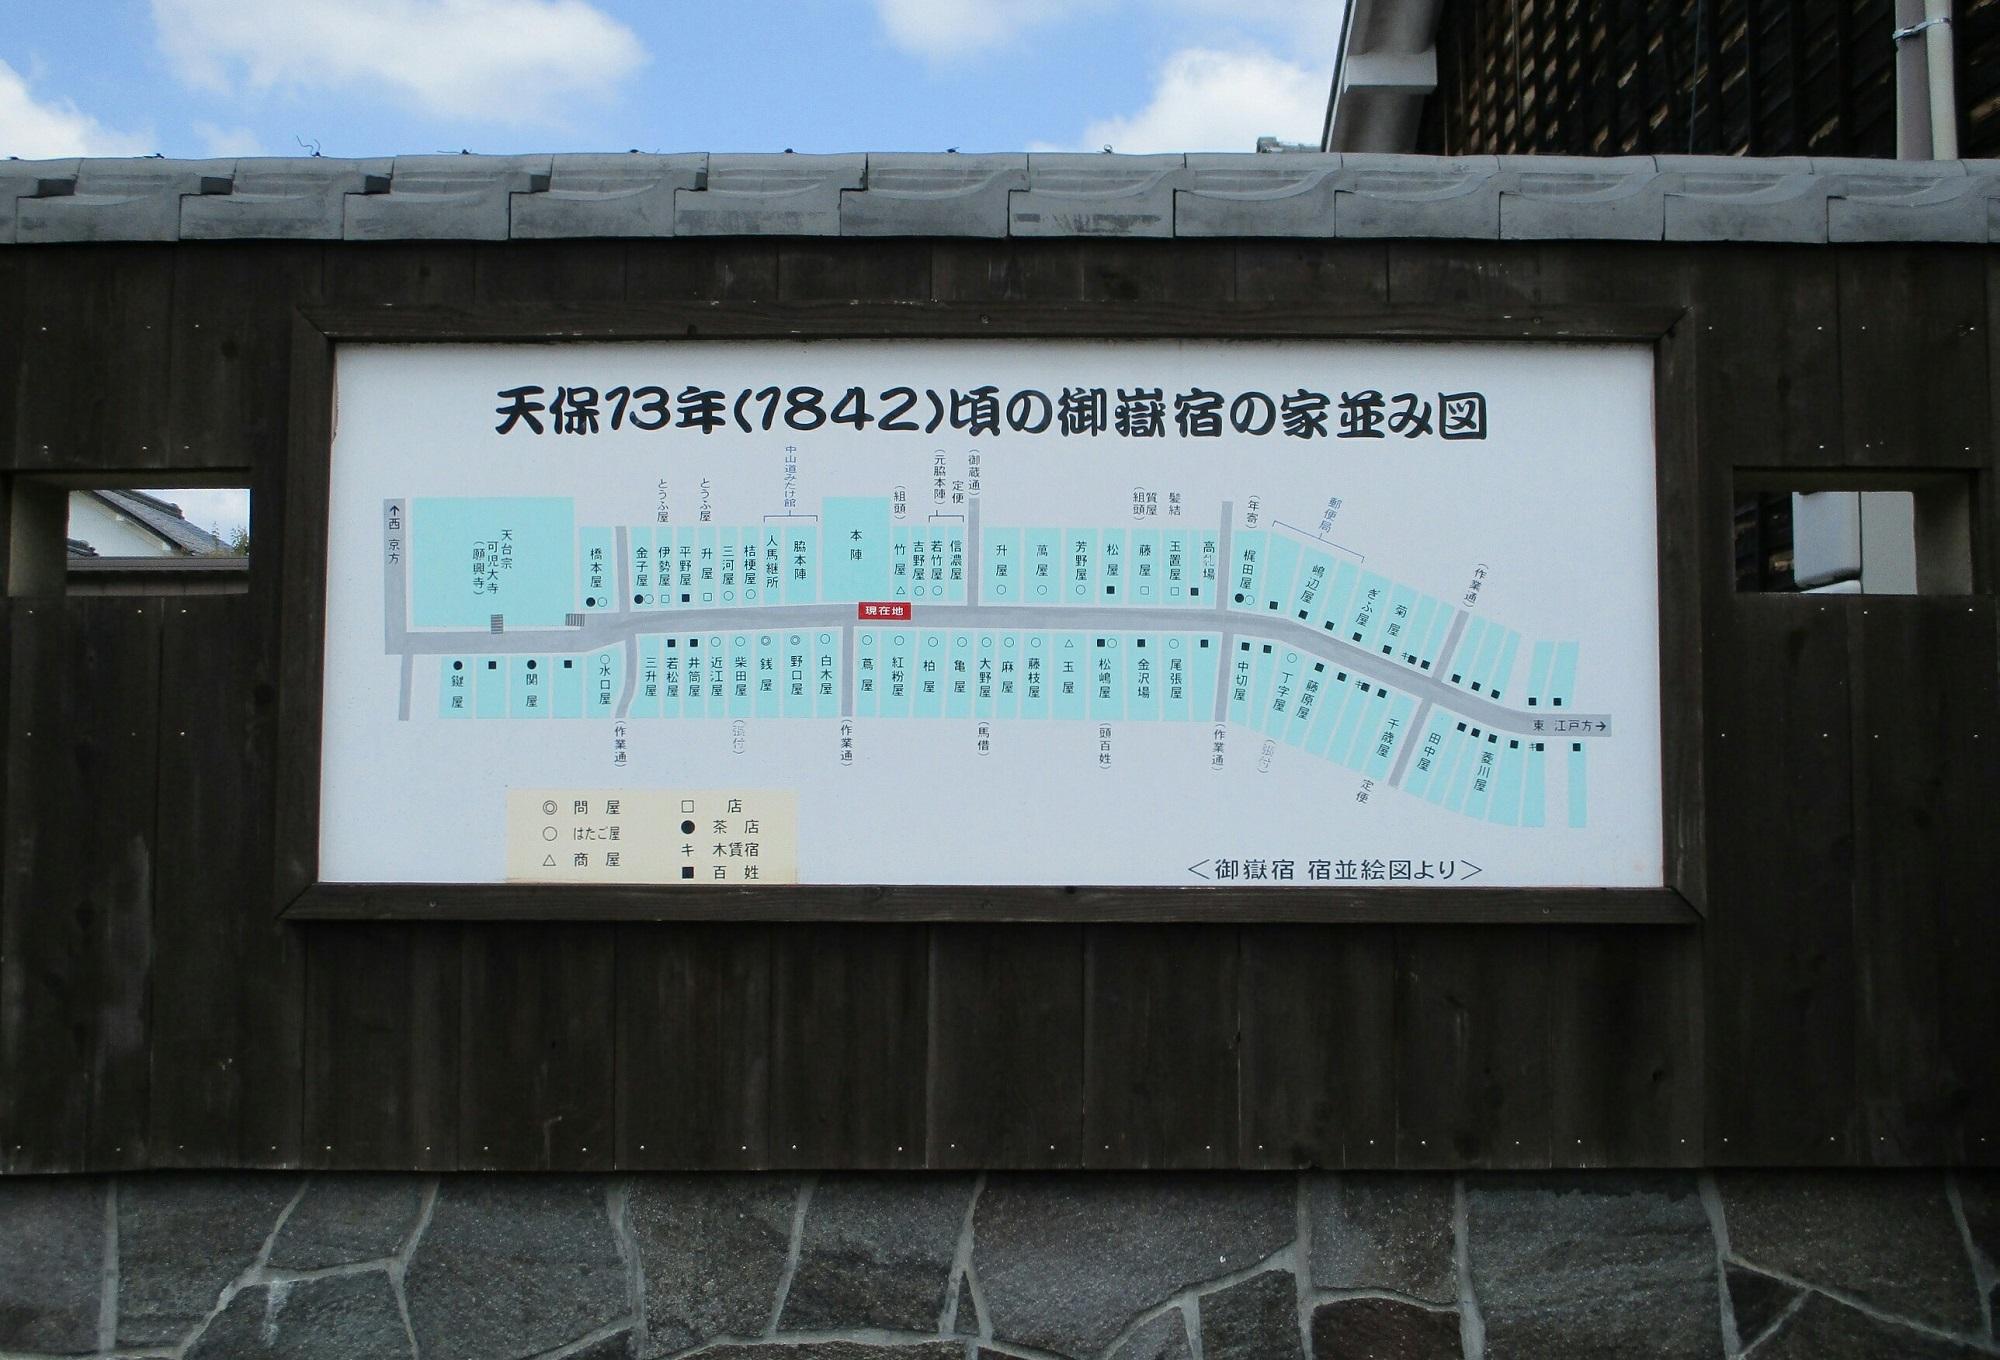 2018.6.7 みたけ (86) 「1842年ごろの御嶽宿のやなみ図」 2000-1360